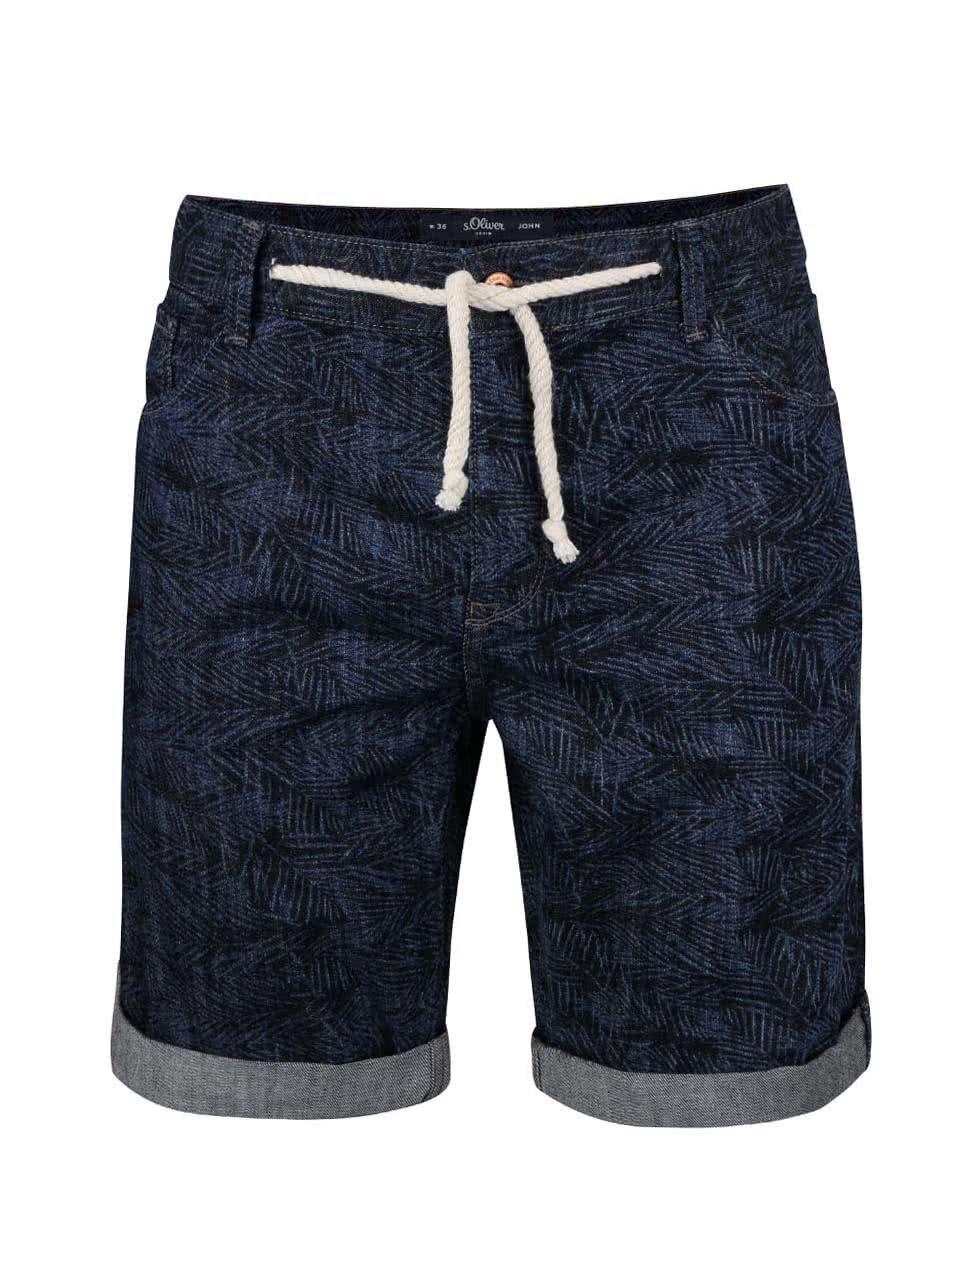 Tmavě modré vzorované pánské džínové kraťasy s.Oliver